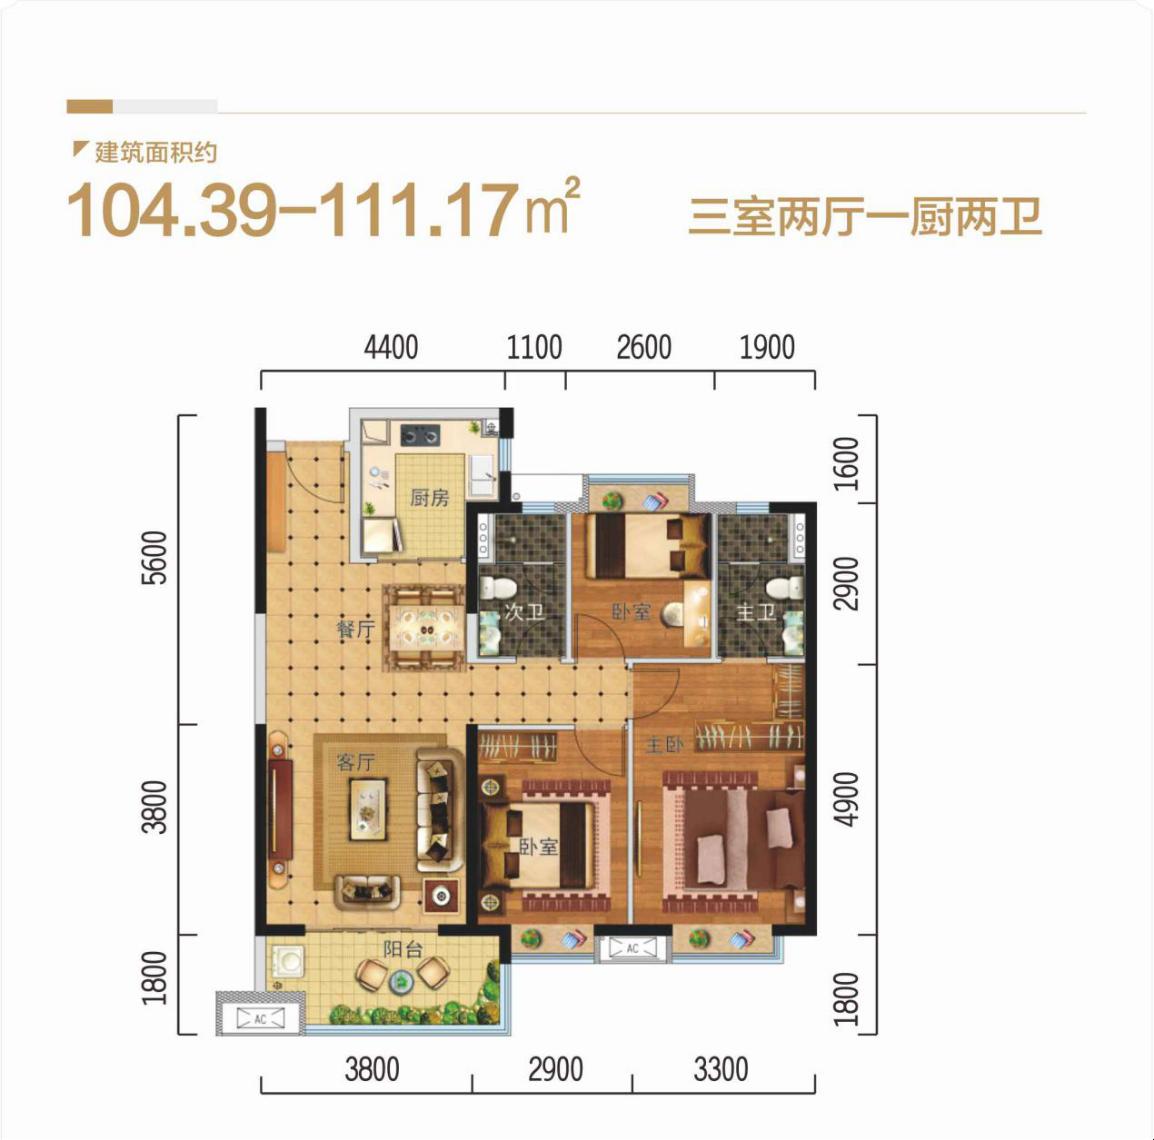 融創美倫熙語三居戶型圖,建筑面積105-111㎡